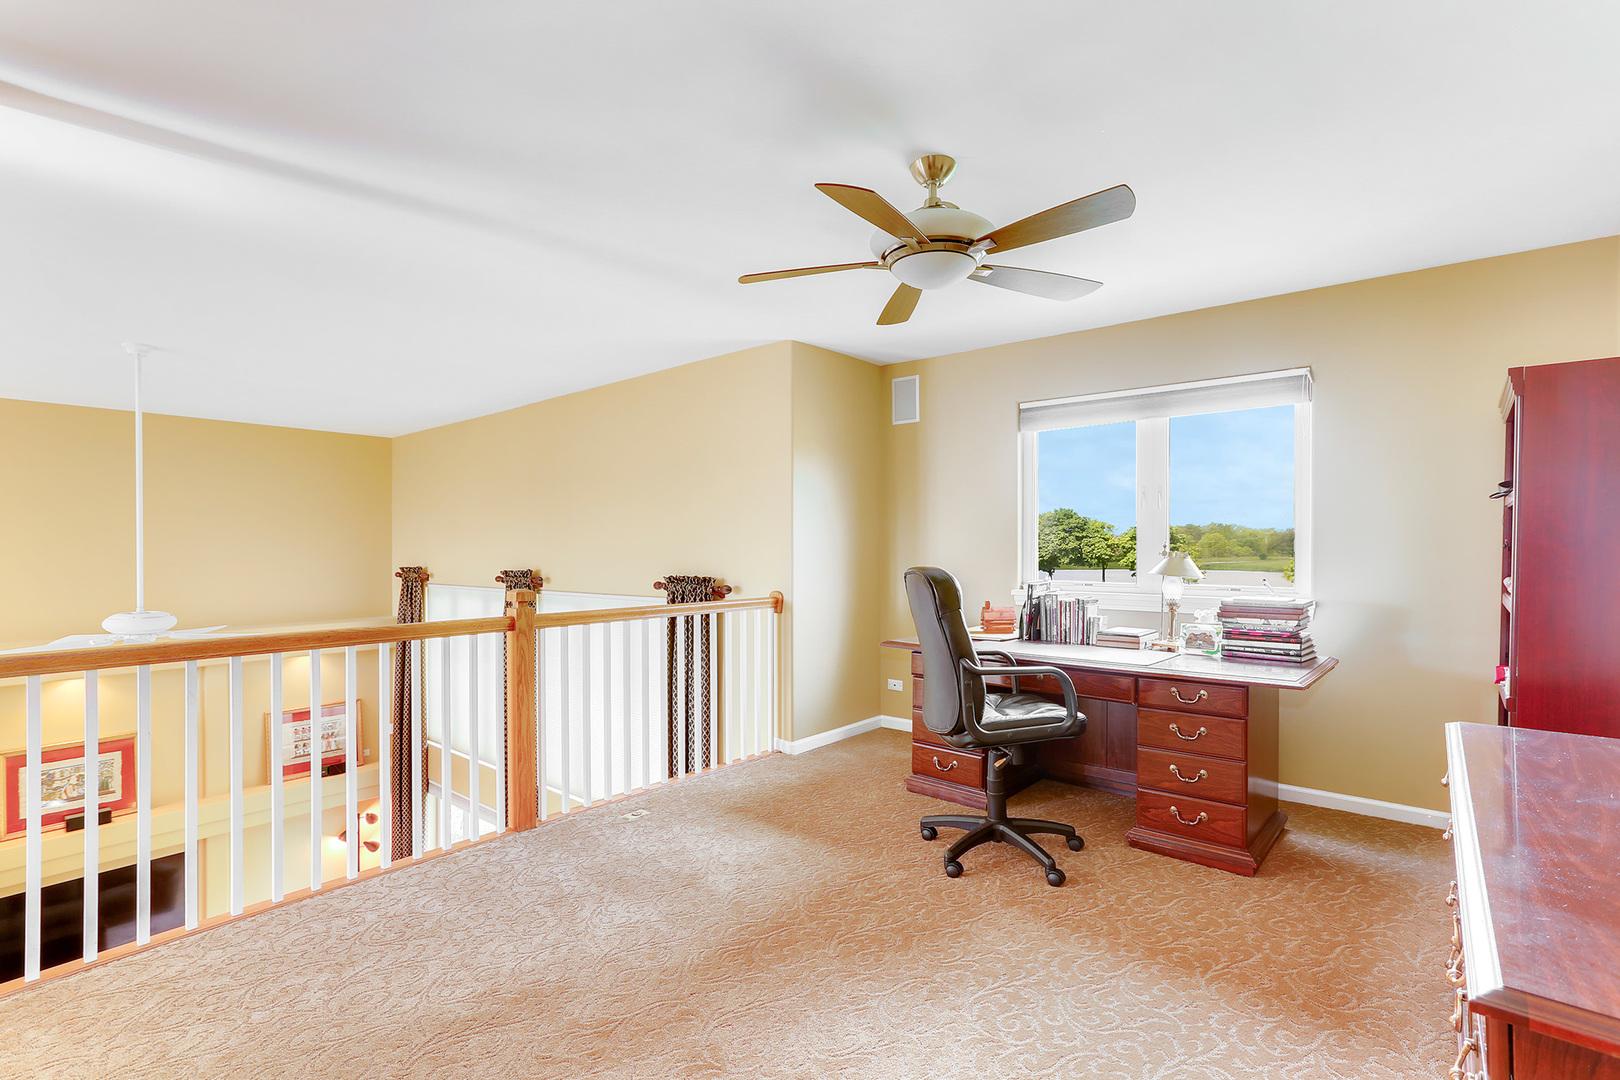 2556 Pinehurst, AURORA, Illinois, 60506